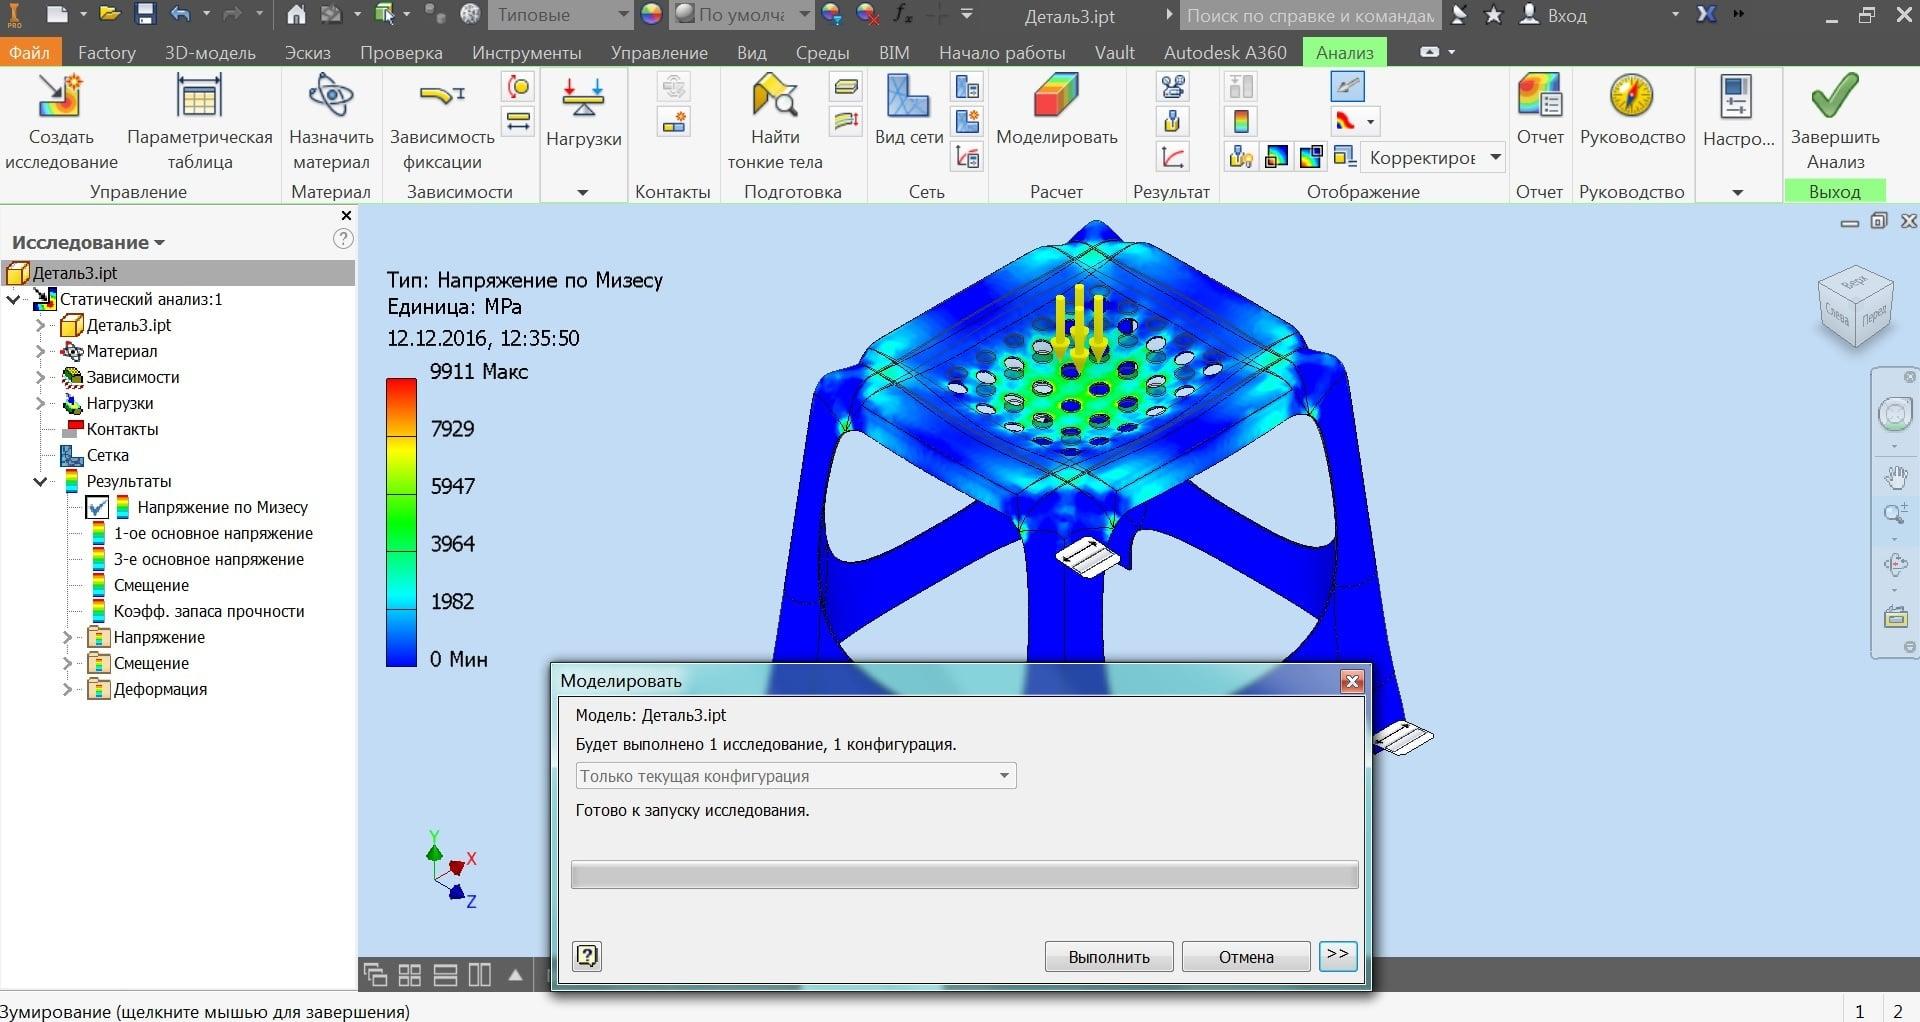 Модуль аналізу на міцність методом кінцевих елементів в Autodesk Inventor